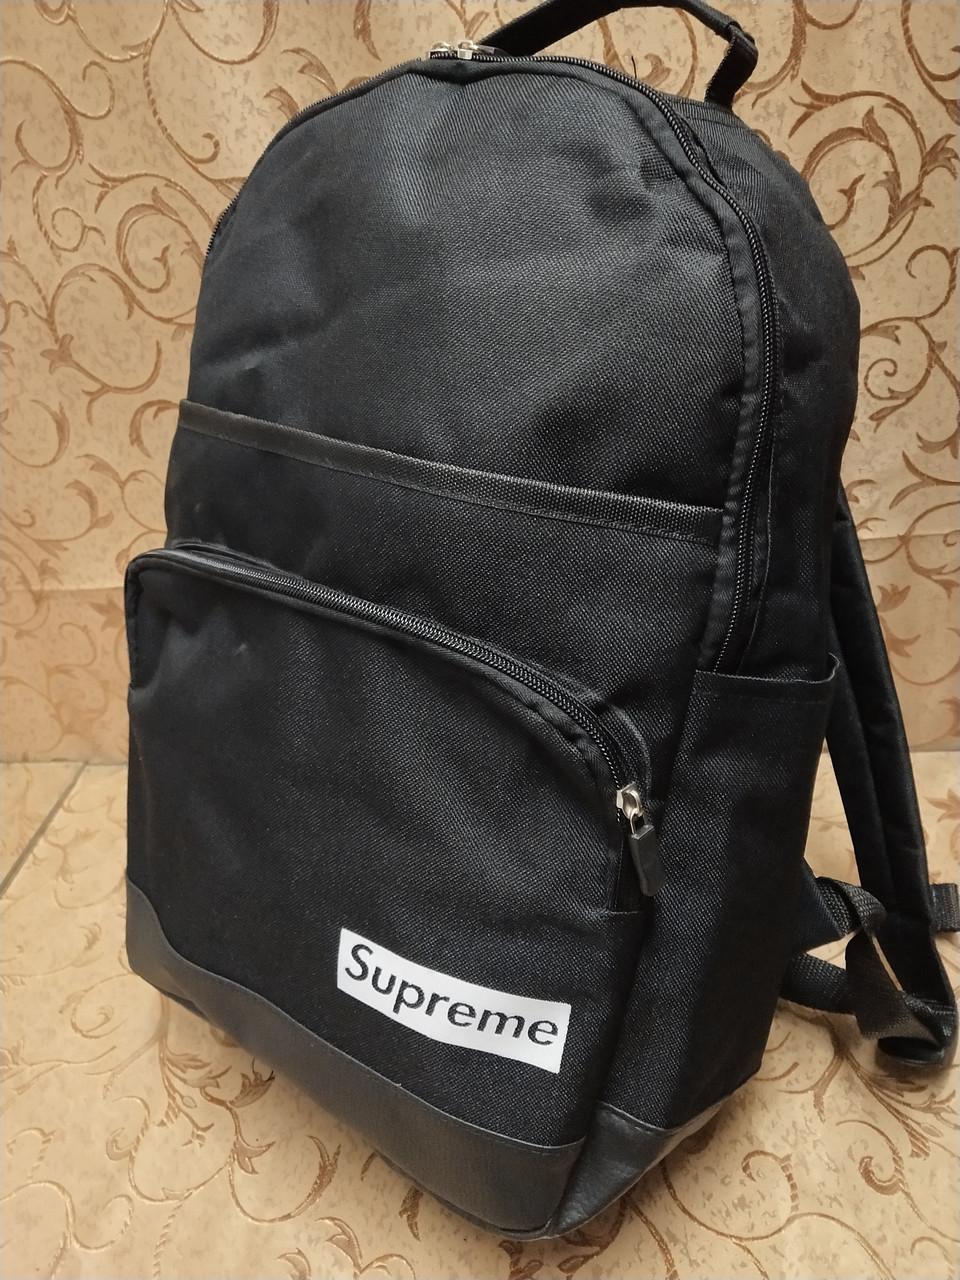 Рюкзак Supreme с кожаным дном Унисекс Спортивный городской стильный рюкзаки оптом   ОПТ